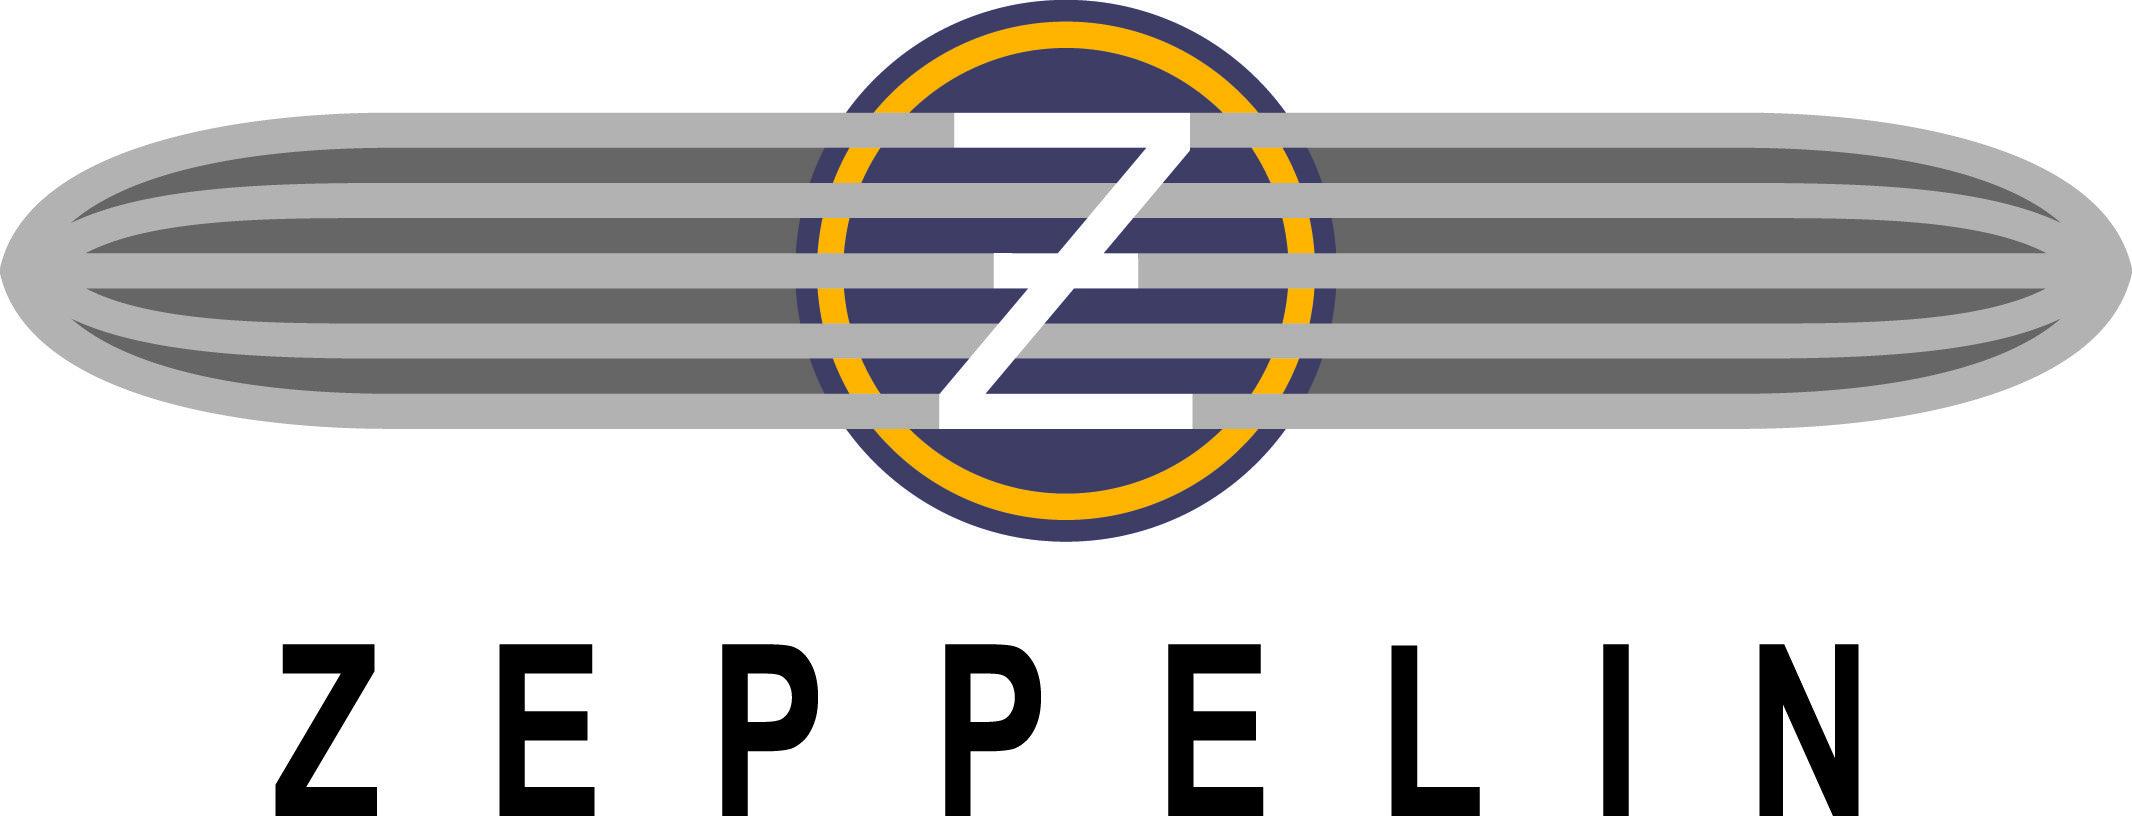 Zeppelin_Logo._V368588543_.jpg